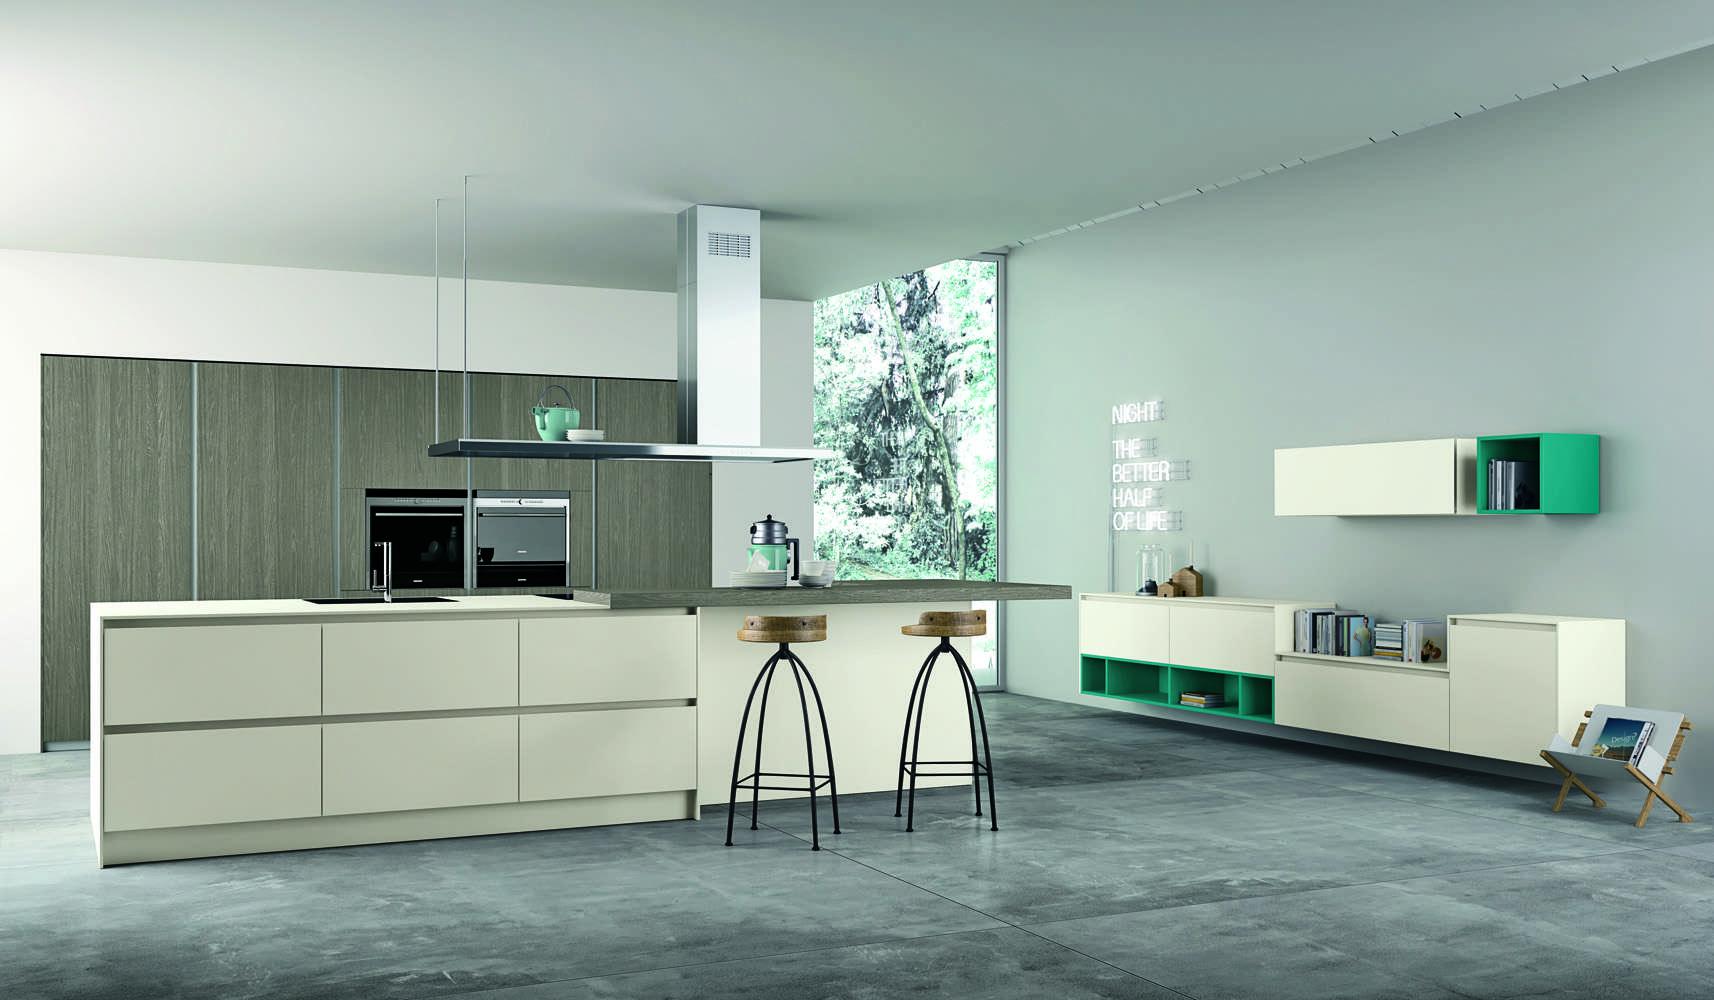 arredamento e mobili per cucine a trento metrocubo